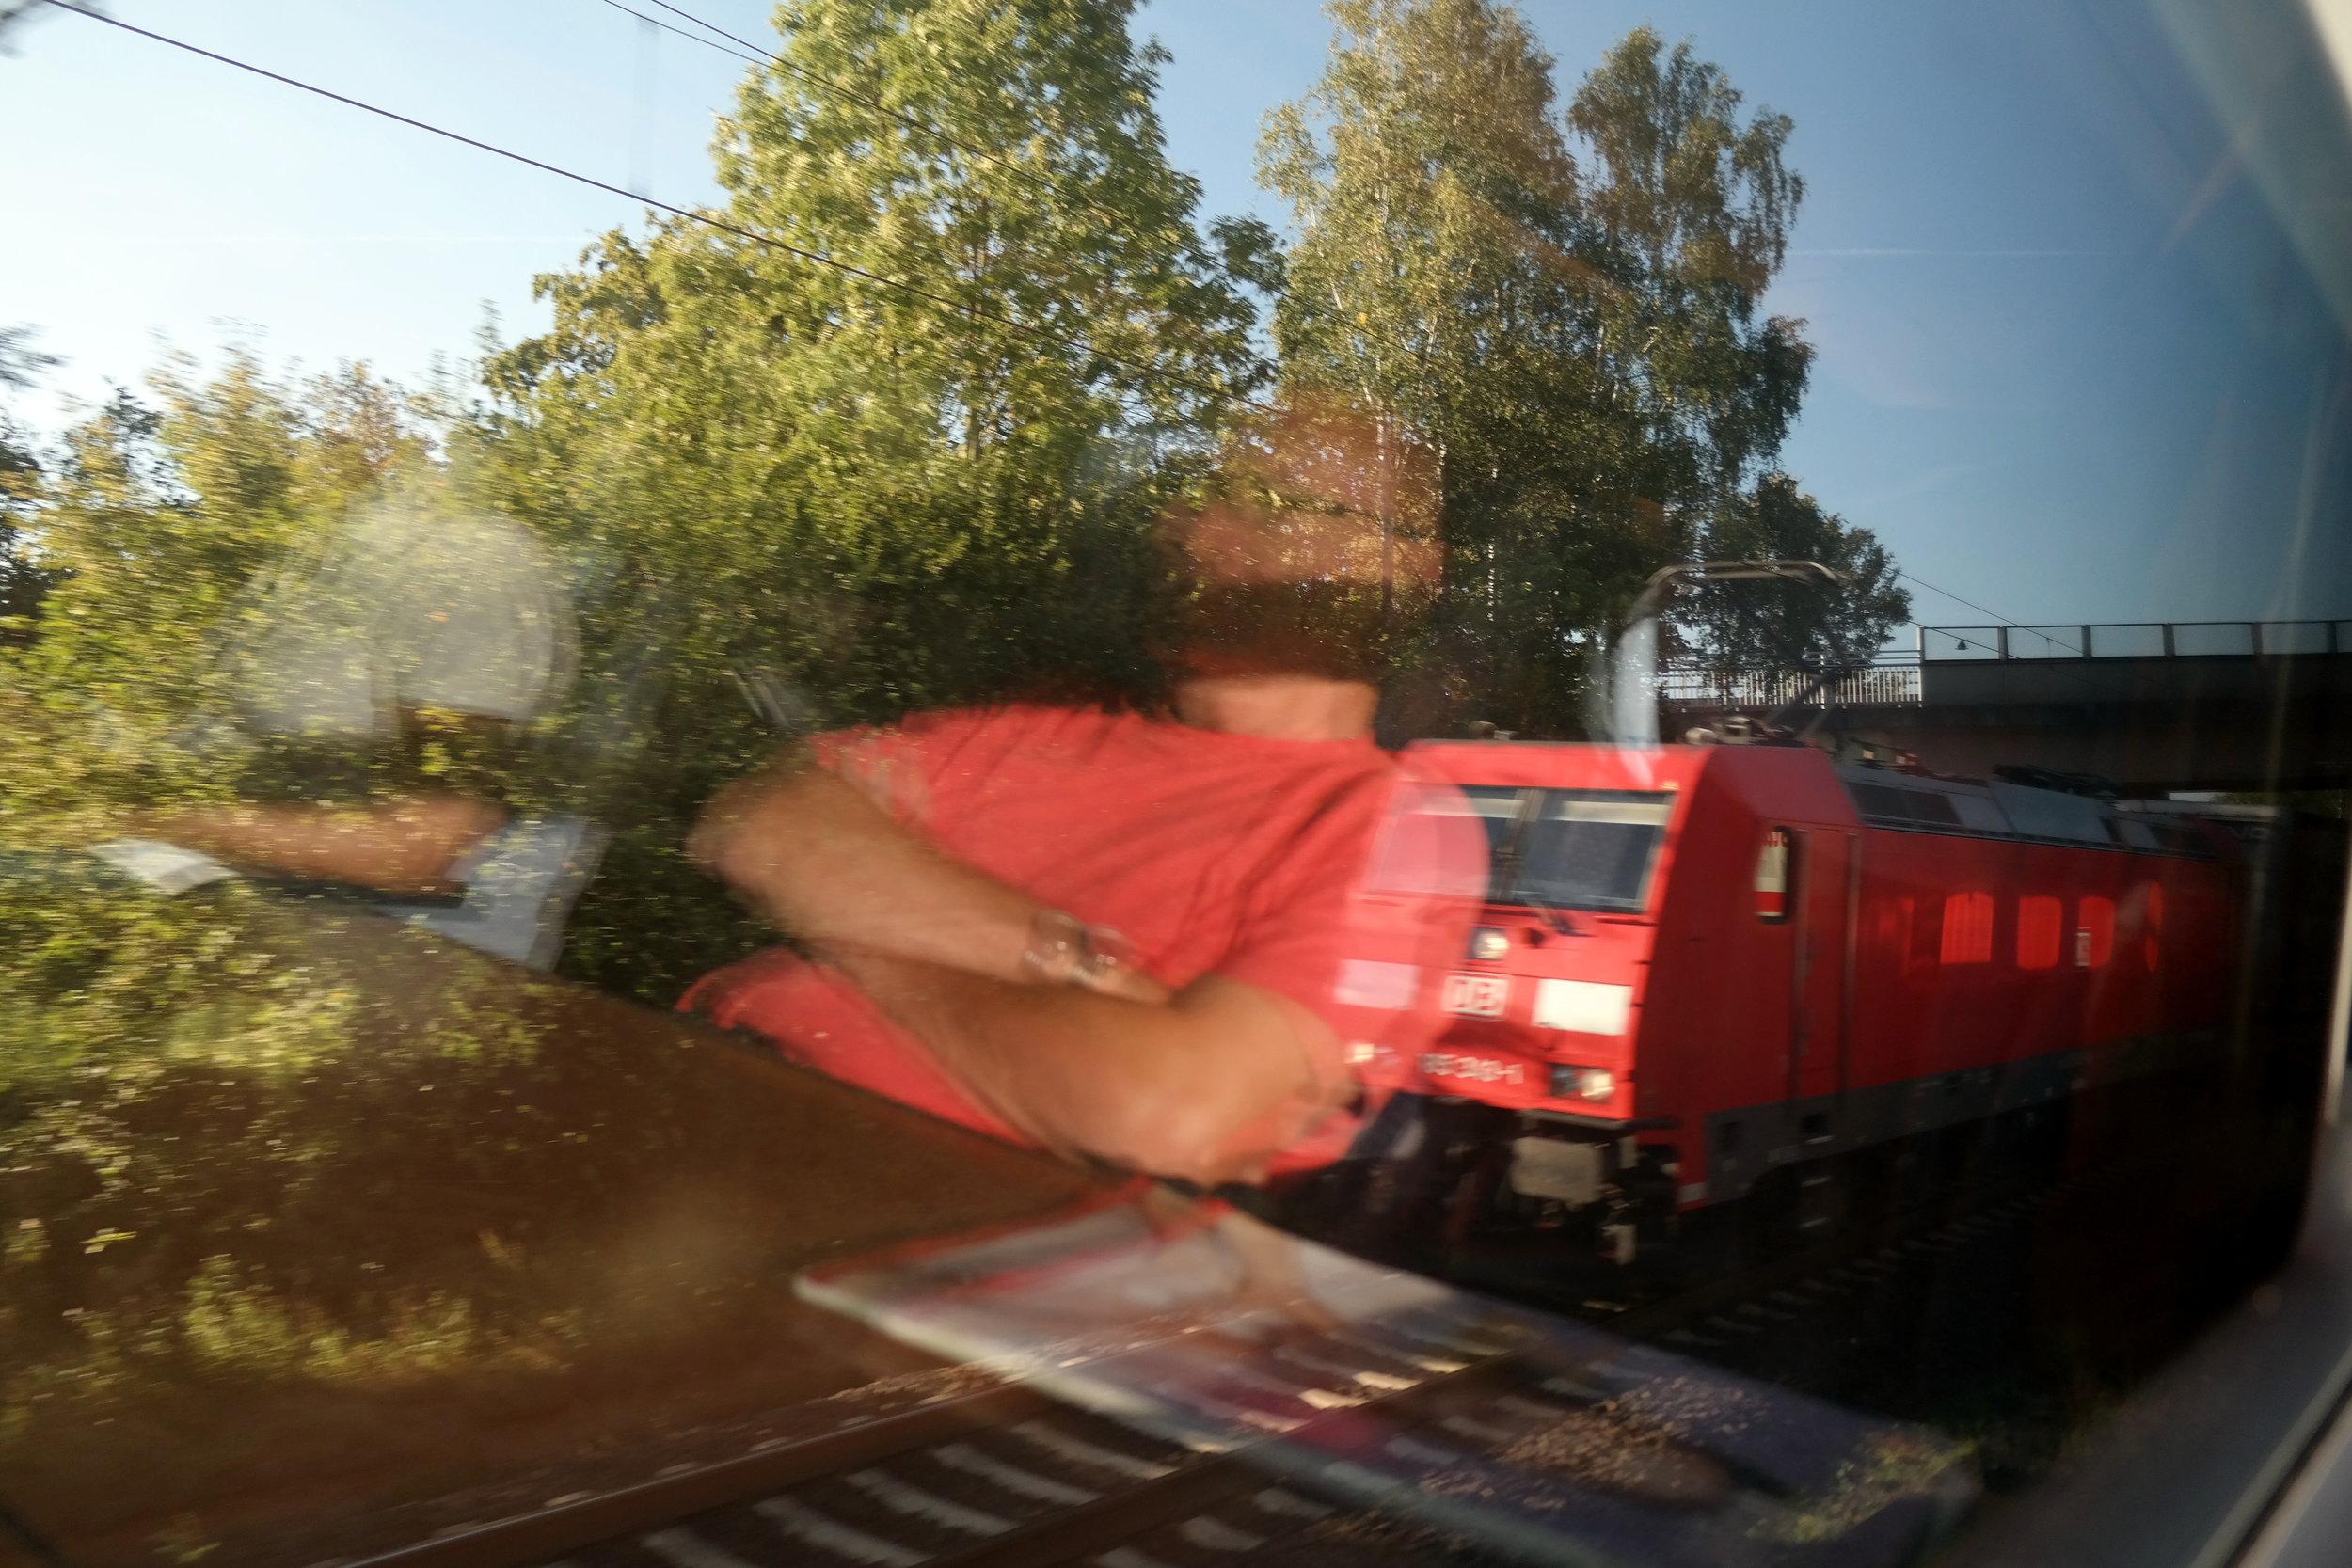 Tågresan från Frankfurt till Erfurt tar ca 3,5 timmar. Weimar ligger ytterligare 20 min bort.